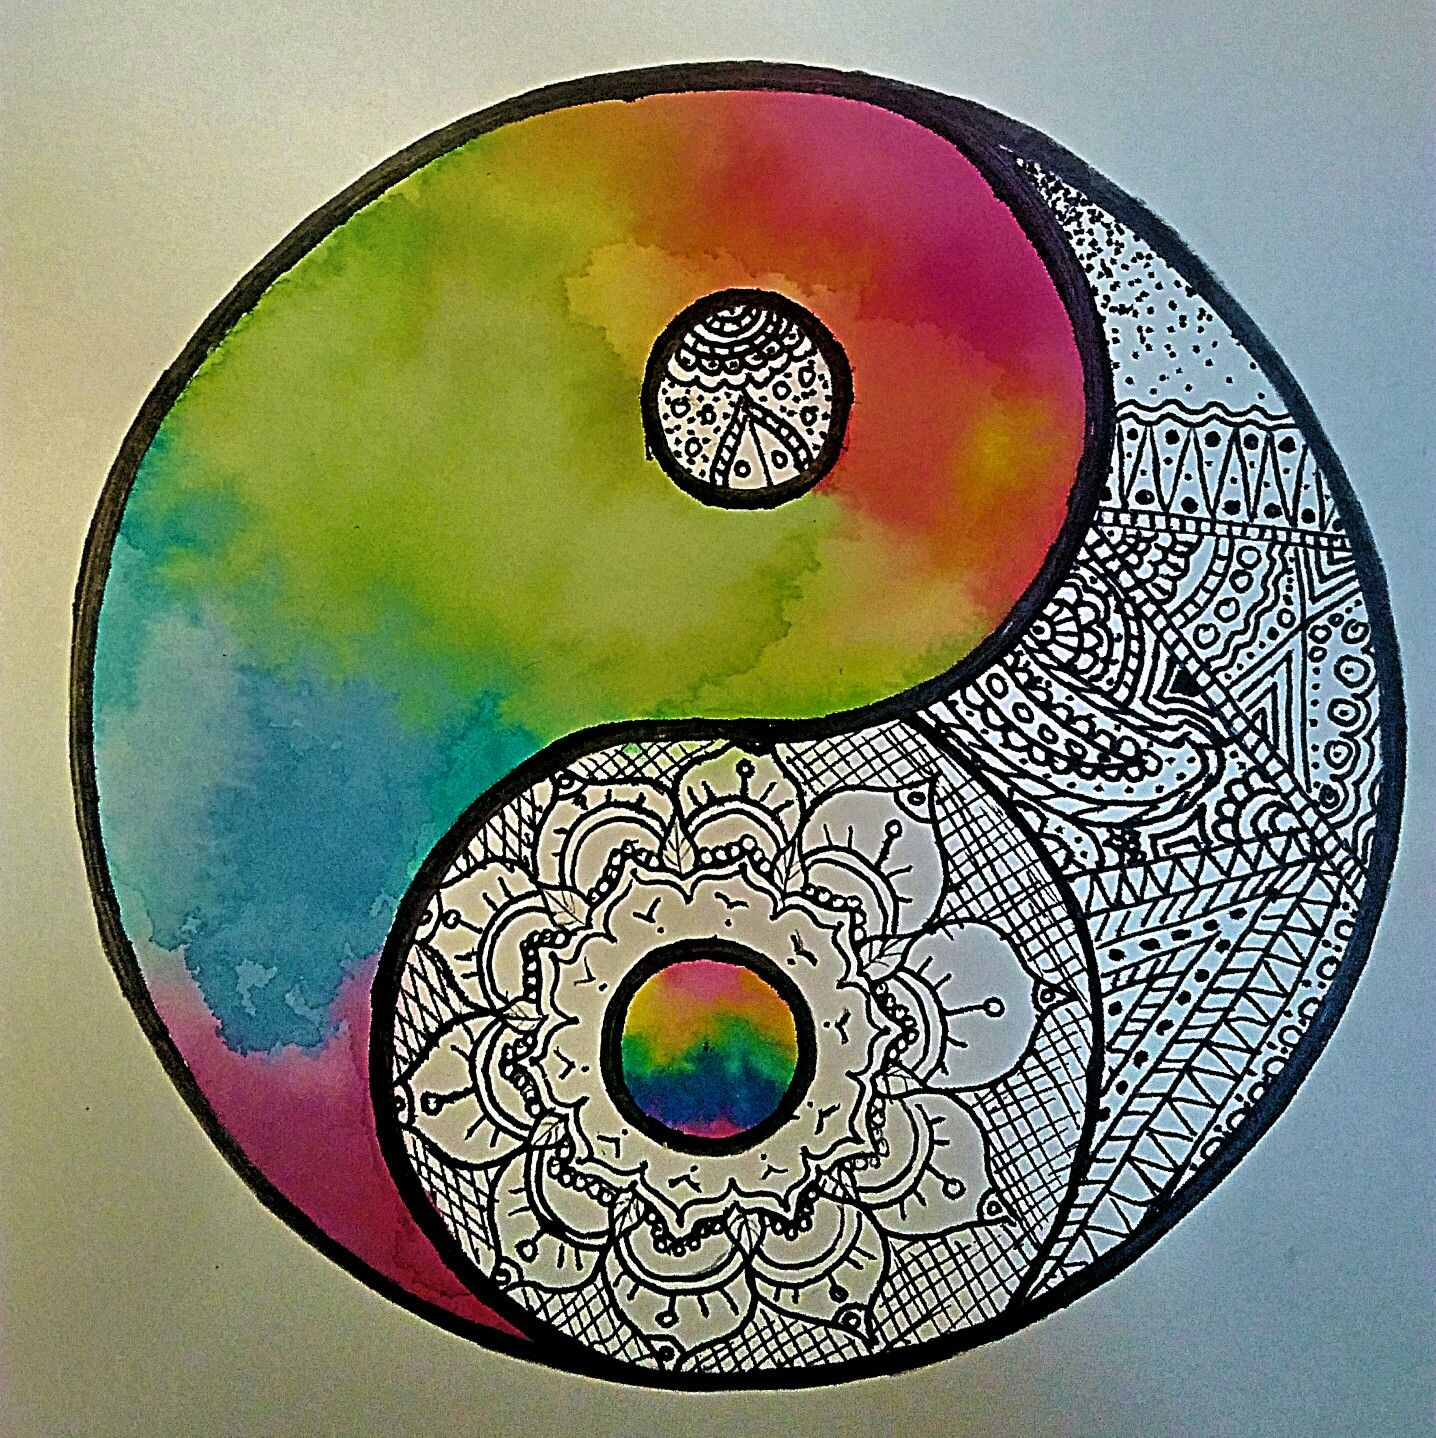 Dessin inspirant yin yang arc en ciel mandala color - Dessin colore ...